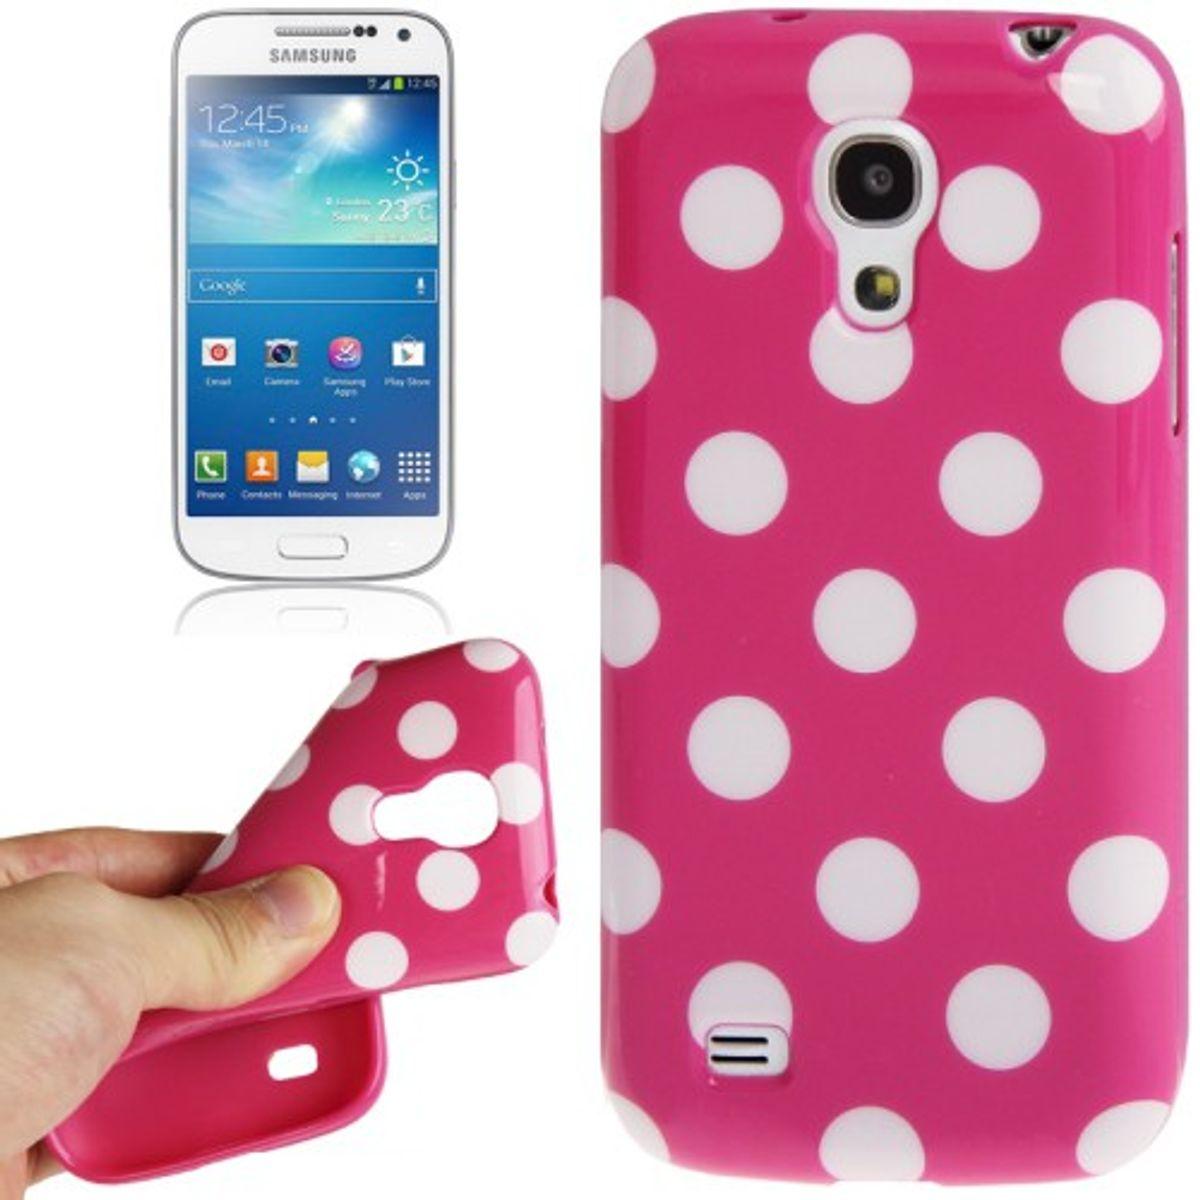 Schutzhülle Punkte TPU Case für Handy Samsung Galaxy S4 mini i9190 pink/weiss